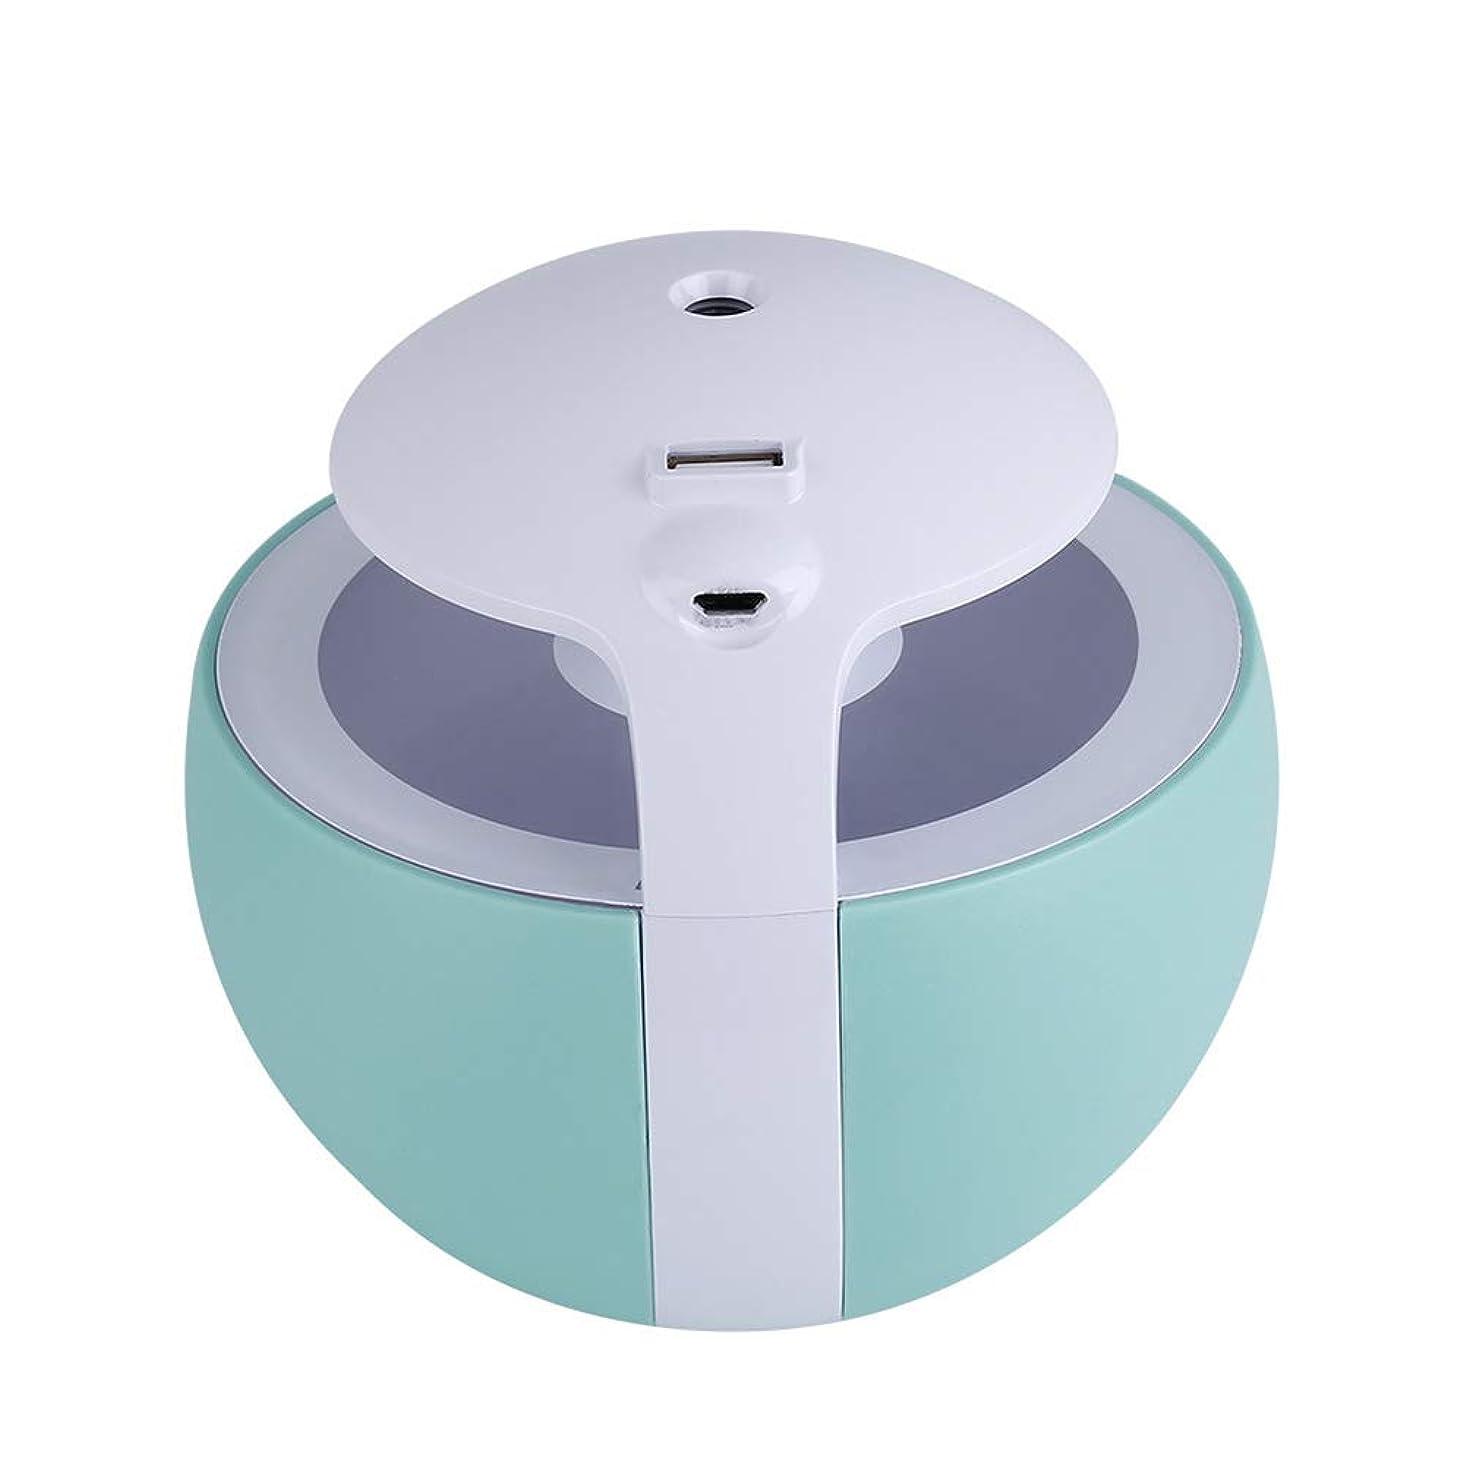 サリー寄り添う不安定ナイトエルフ加湿器多機能USB小型ライト小型ファンホームデスクトップエアコンルーム加湿,Blue